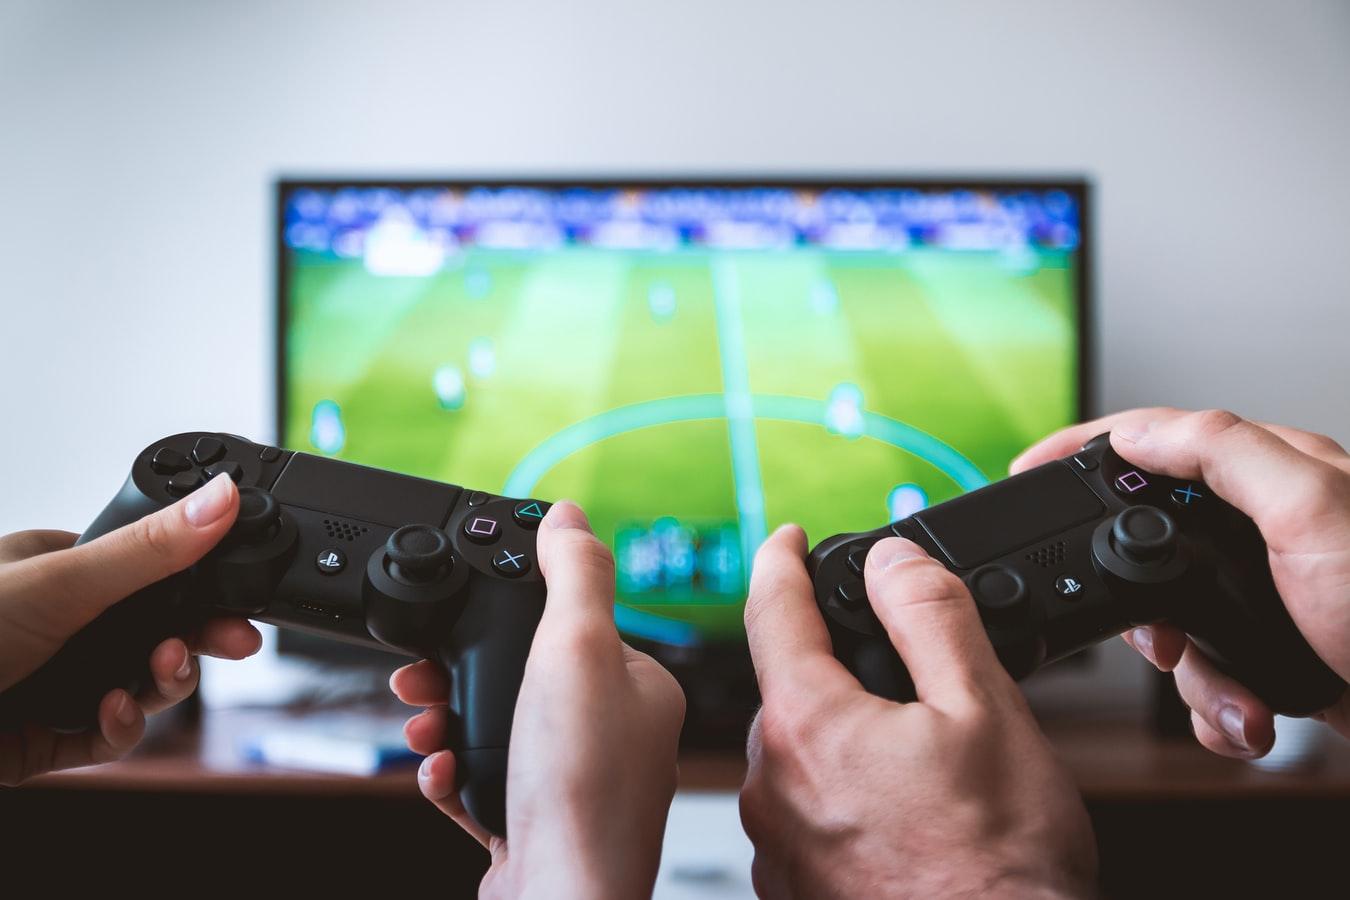 Agressions sexuelles: l'industrie du jeu vidéo témoigne à son tour